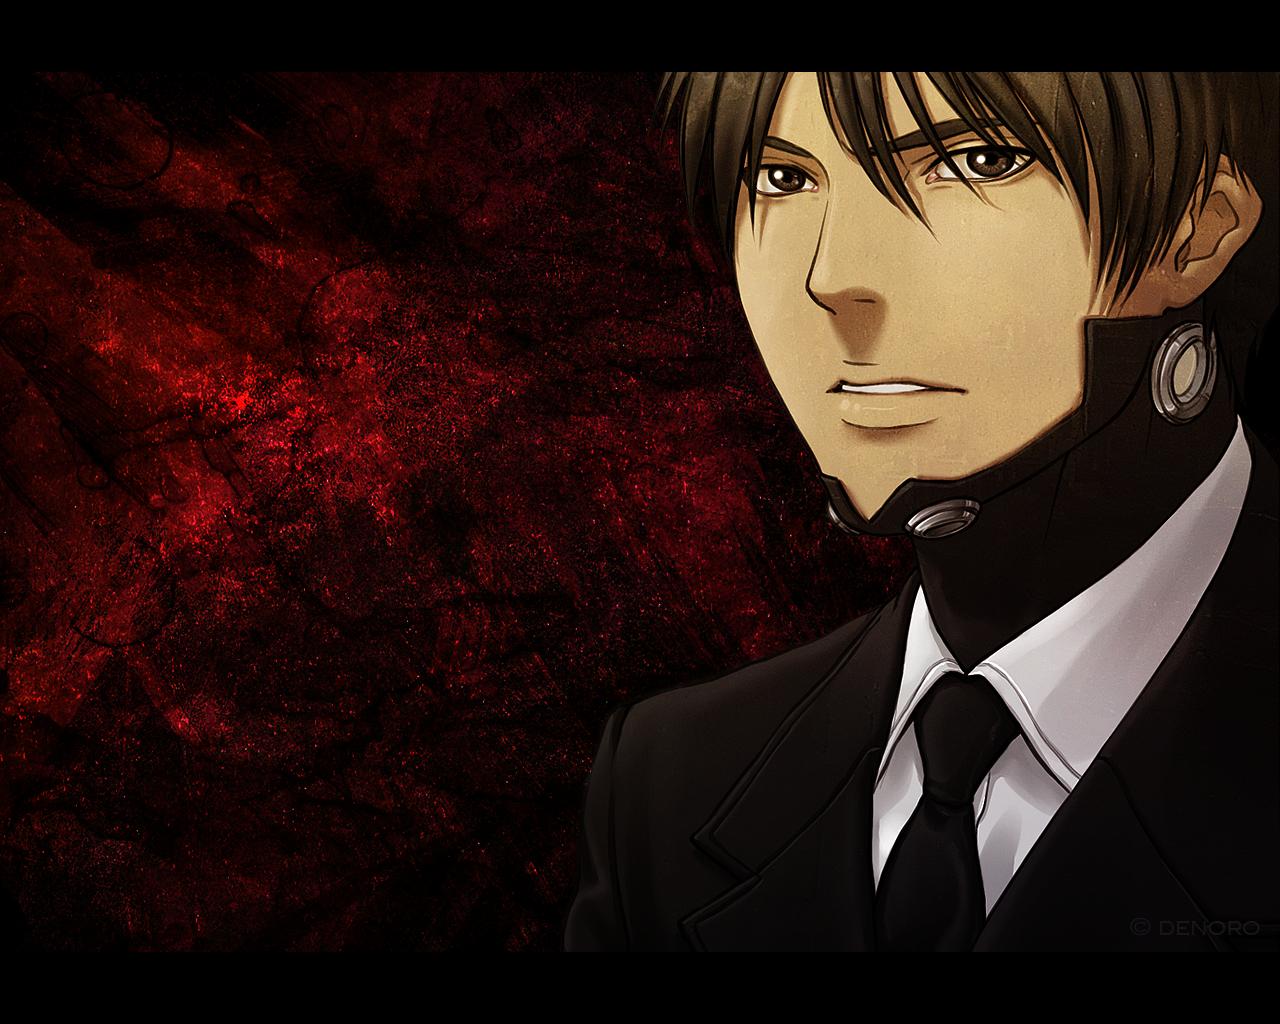 Nishi__Gantz Anime, Gonzo, Anime images